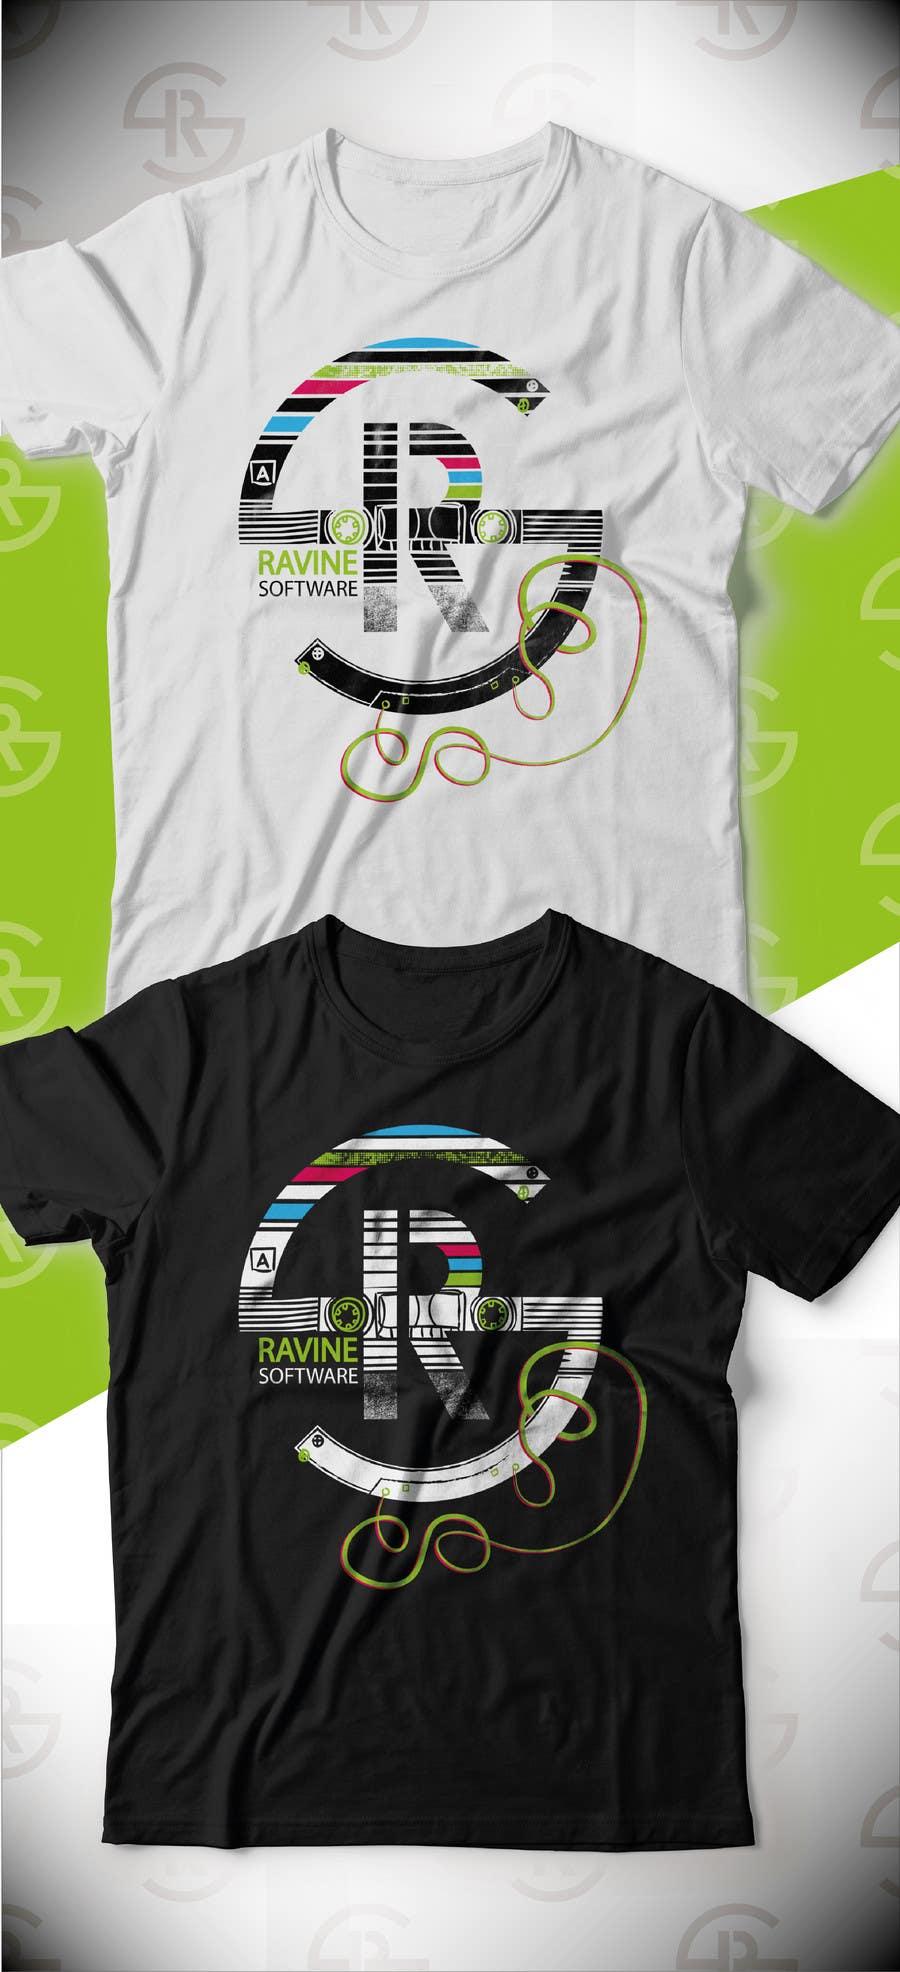 Shirt design companies - Design A T Shirt Unique Design For A Company Freelancer Design A T Shirt Unique Design For A Company Freelancer